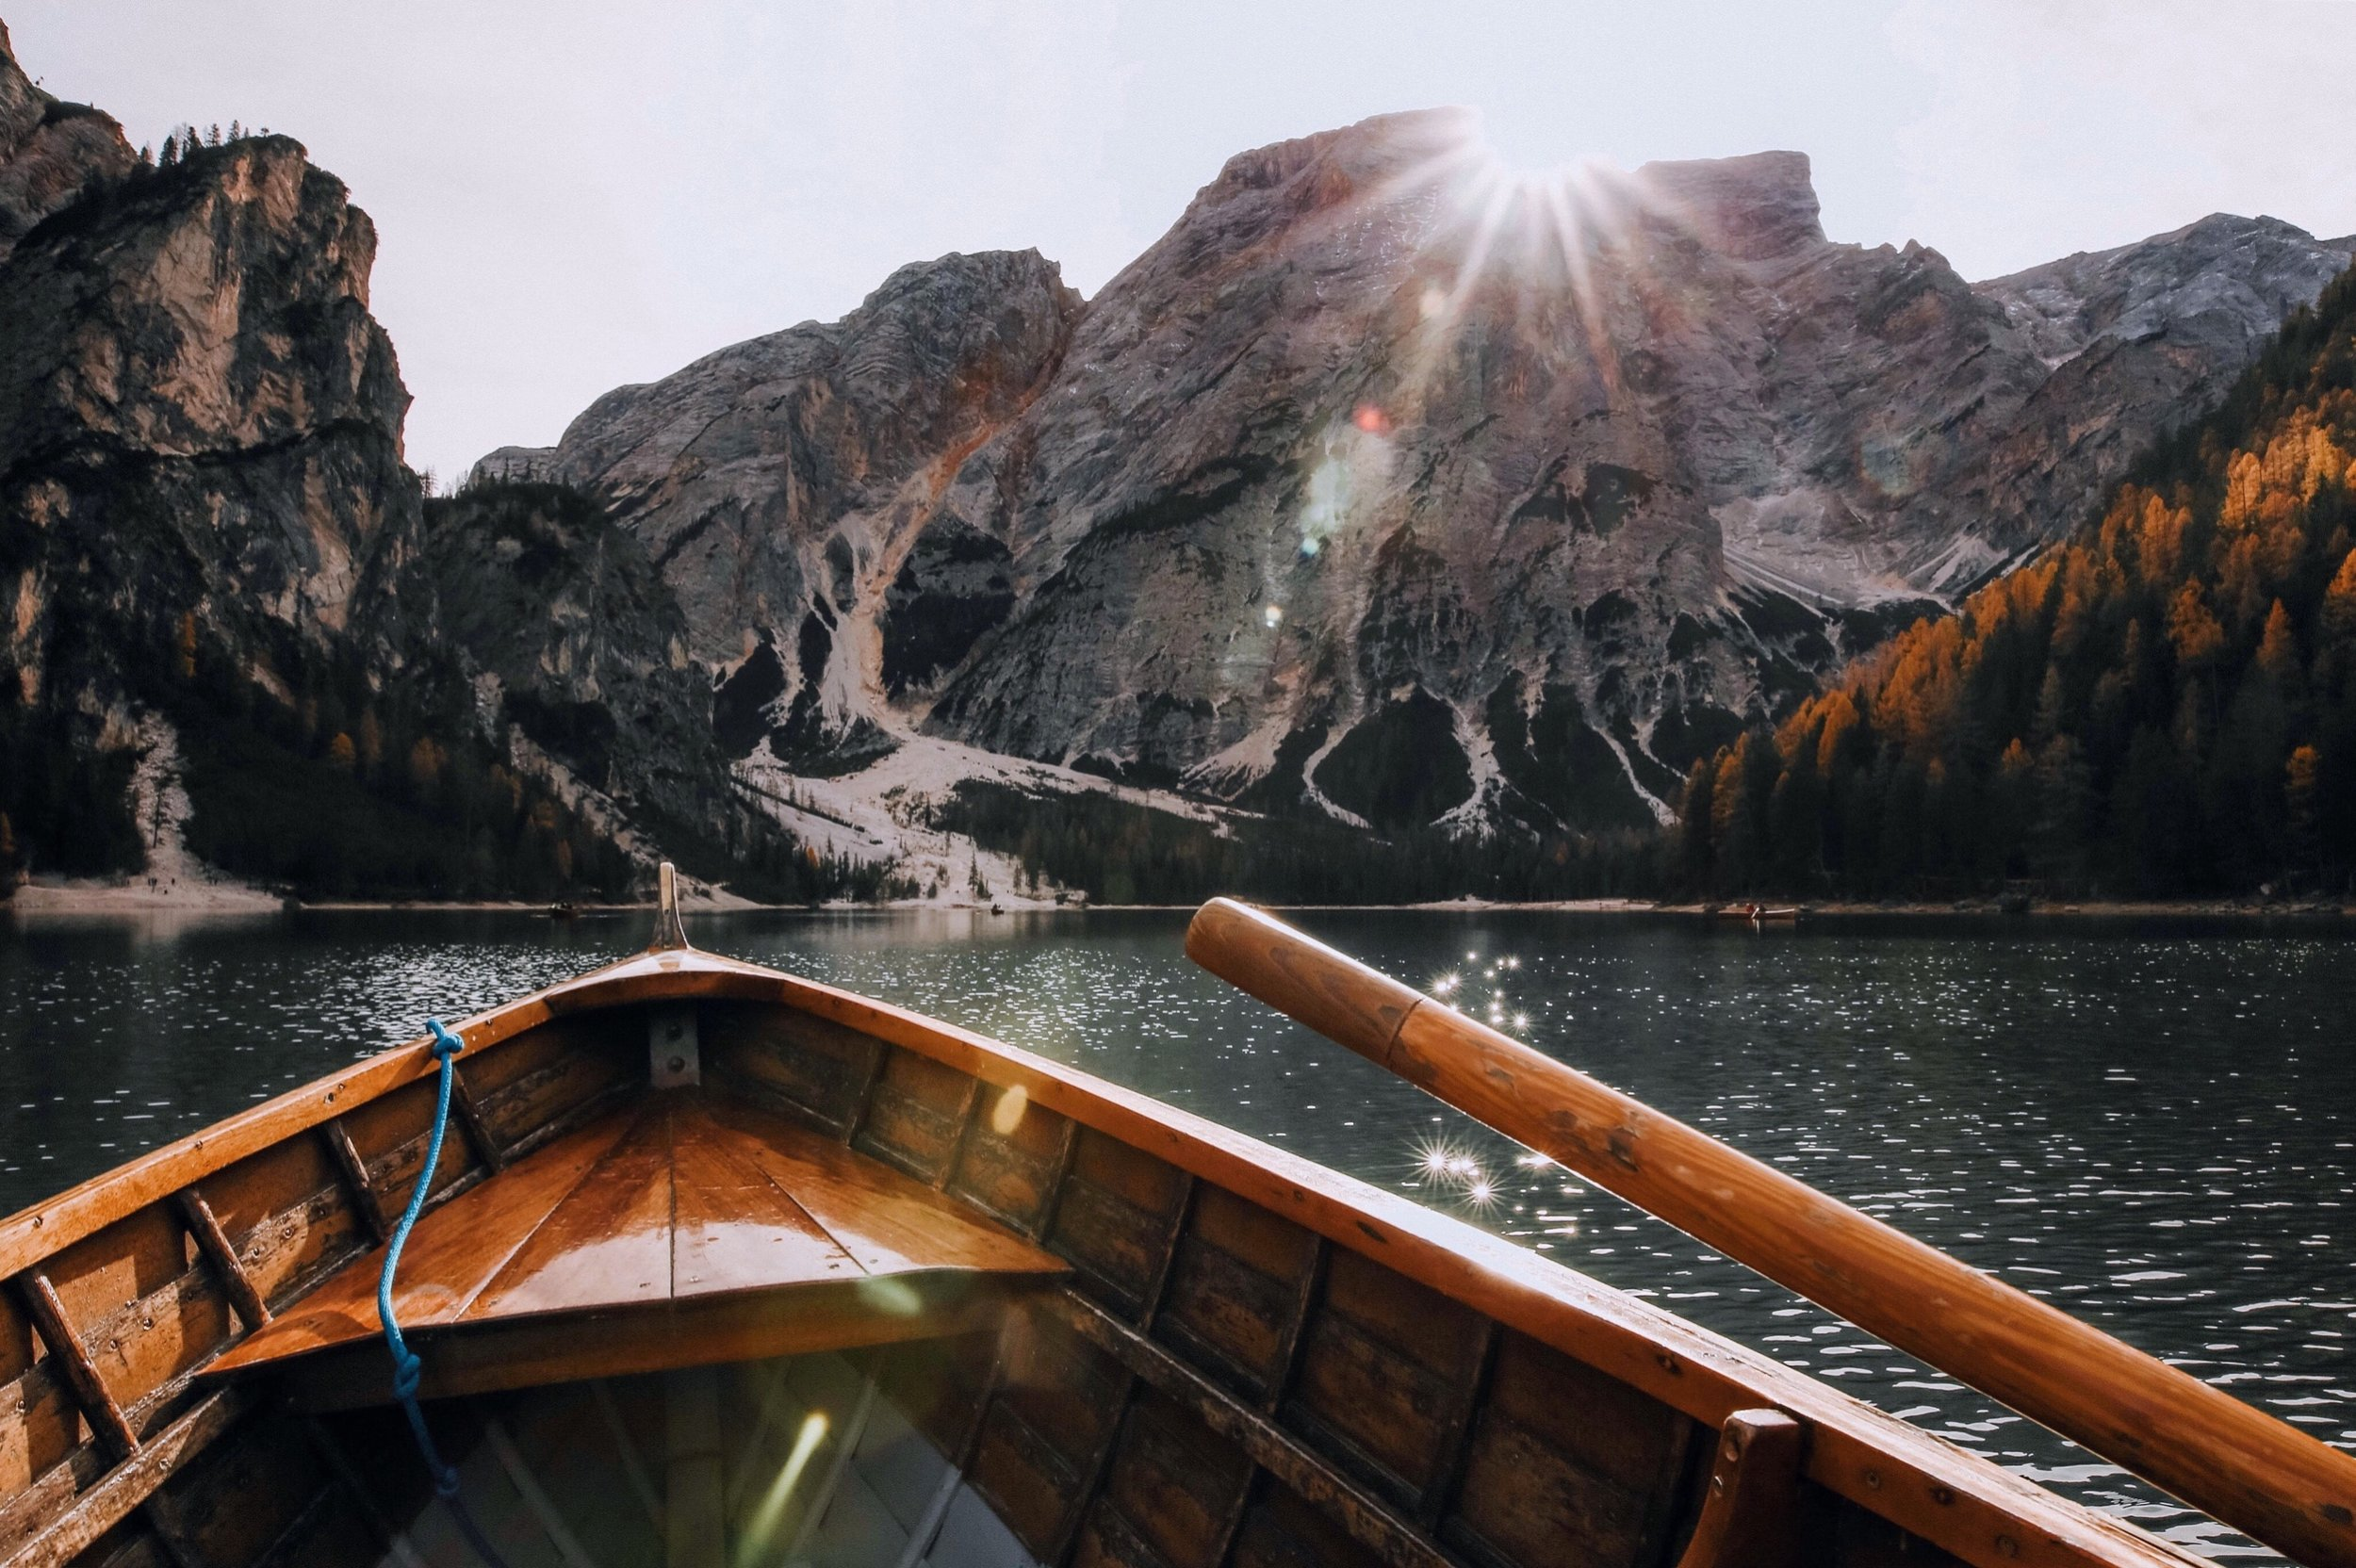 boat-daylight-lake-675764.jpg